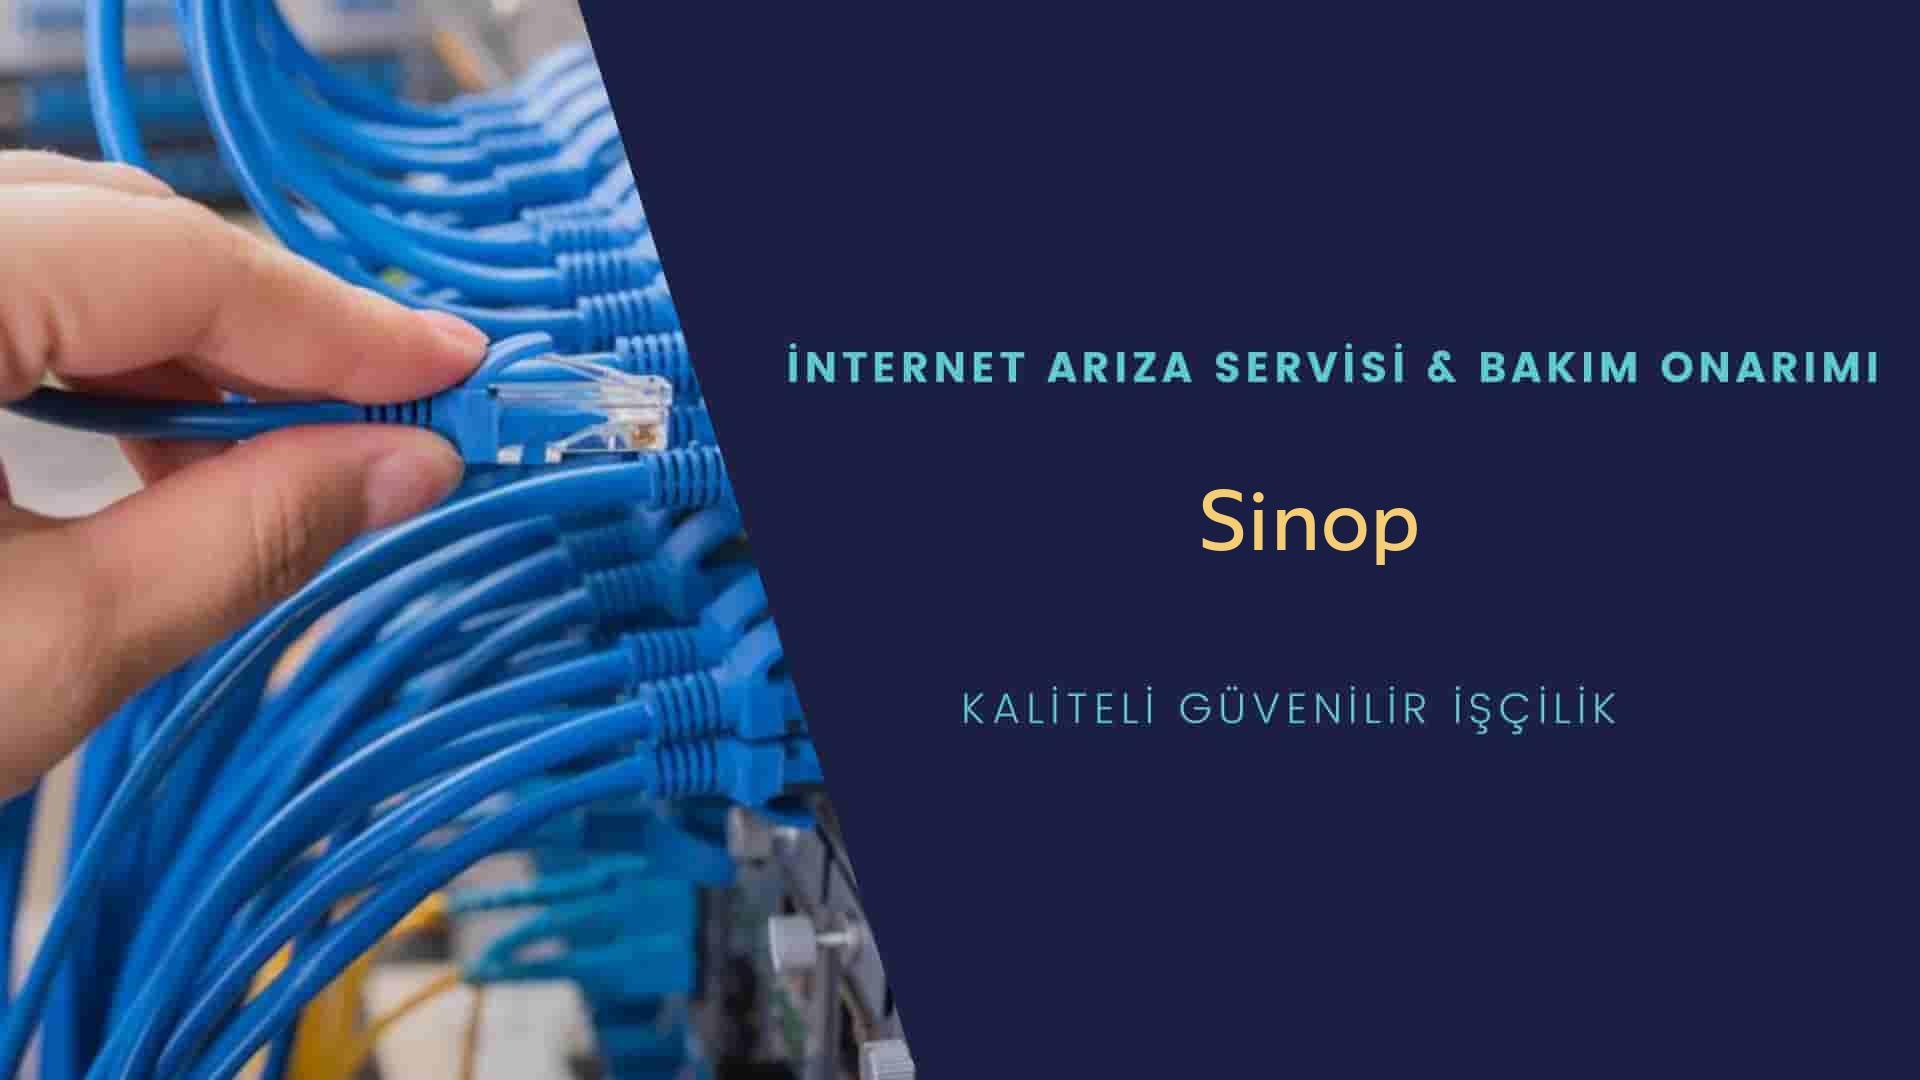 Sinop internet kablosu çekimi yapan yerler veya elektrikçiler mi? arıyorsunuz doğru yerdesiniz o zaman sizlere 7/24 yardımcı olacak profesyonel ustalarımız bir telefon kadar yakındır size.